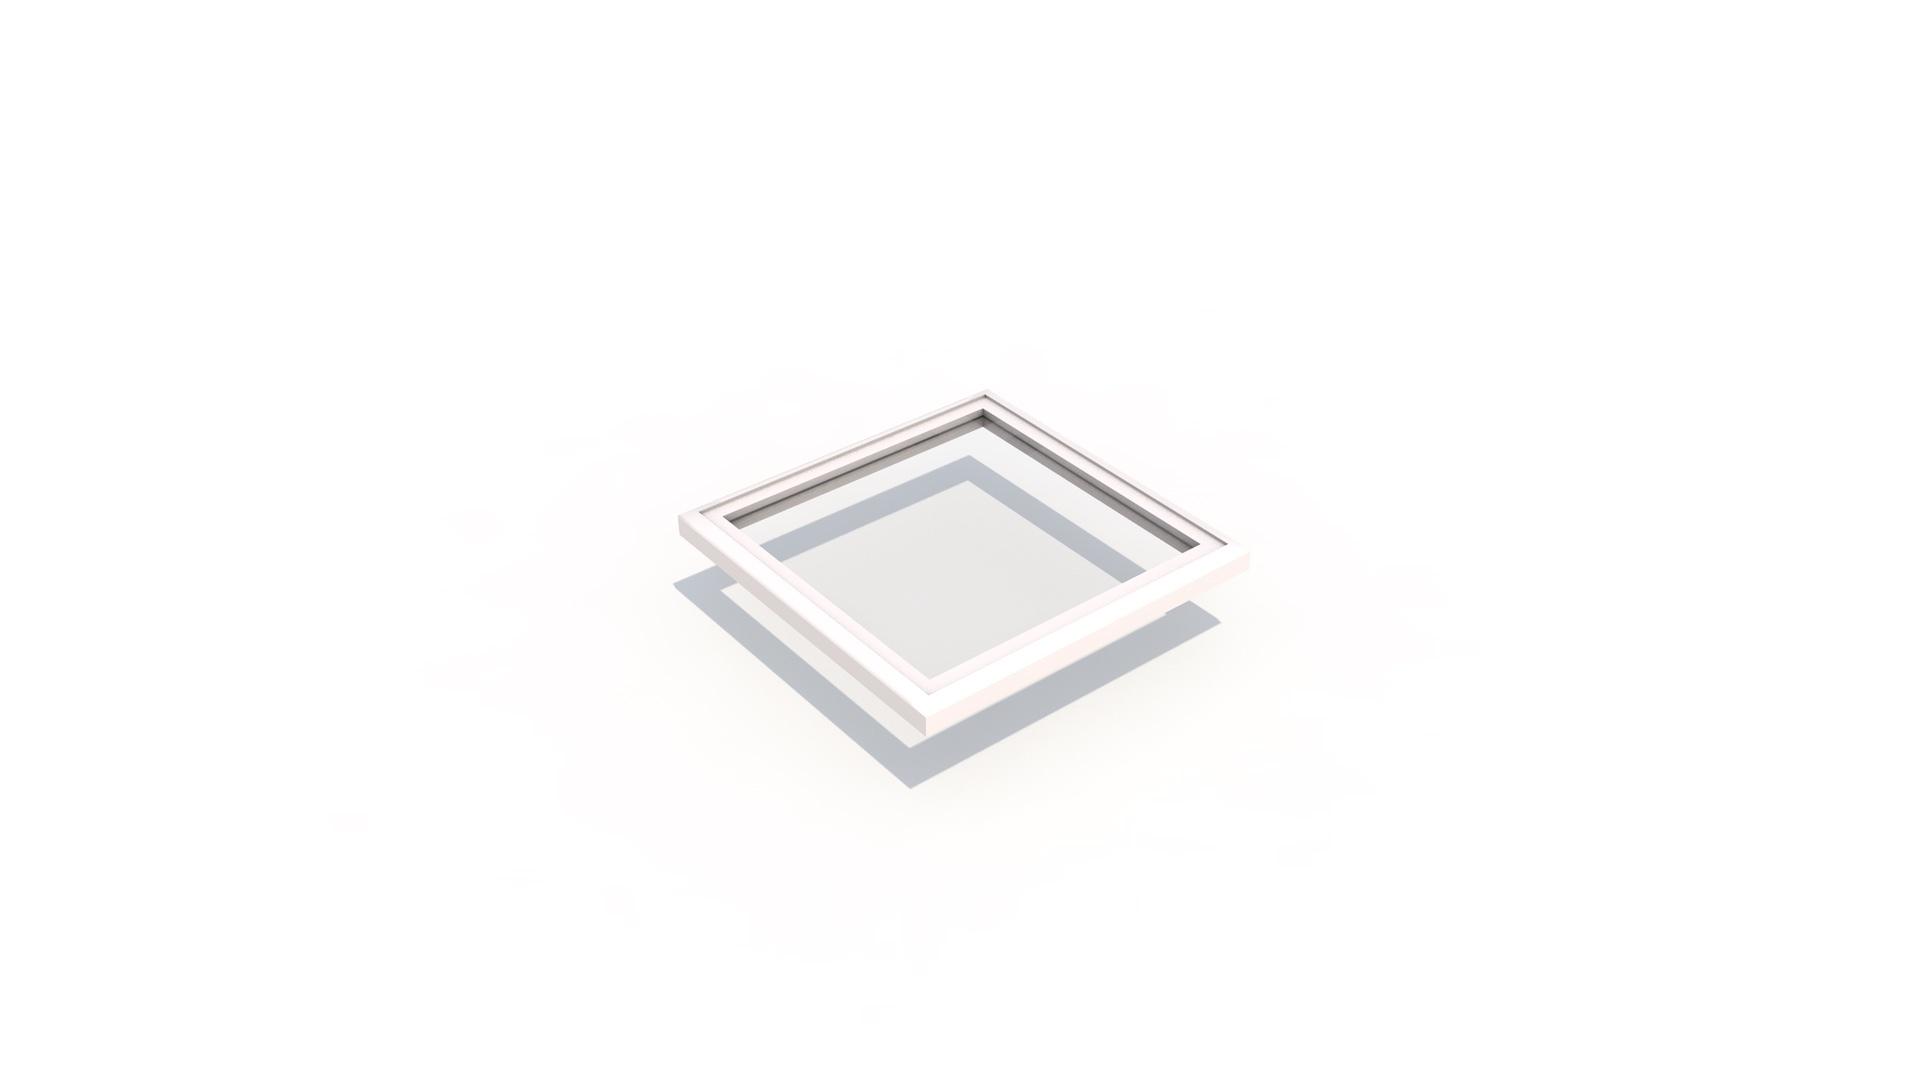 Flat 1.5m x 1.5m - Flat Skylight